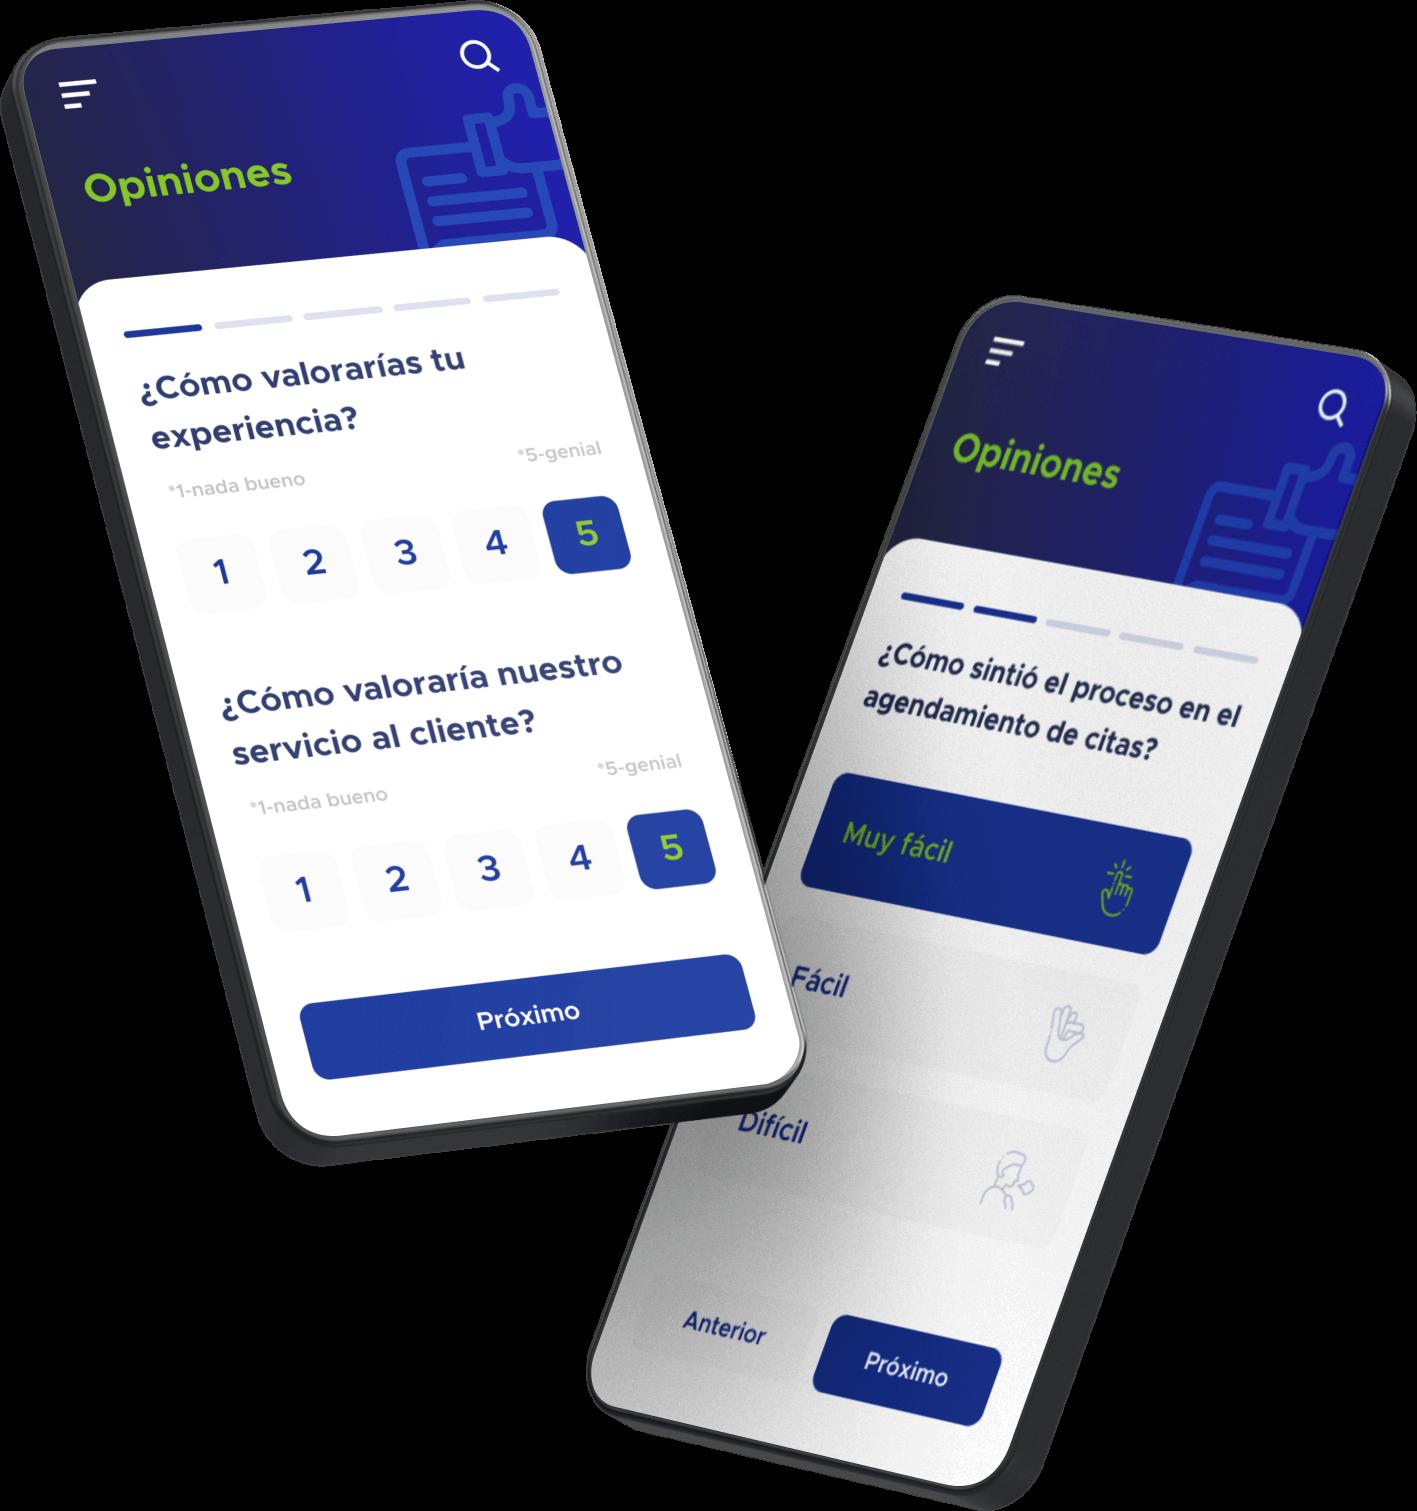 Pantalla de solución móvil de encuestas realizadas con el software de ACF Technologies